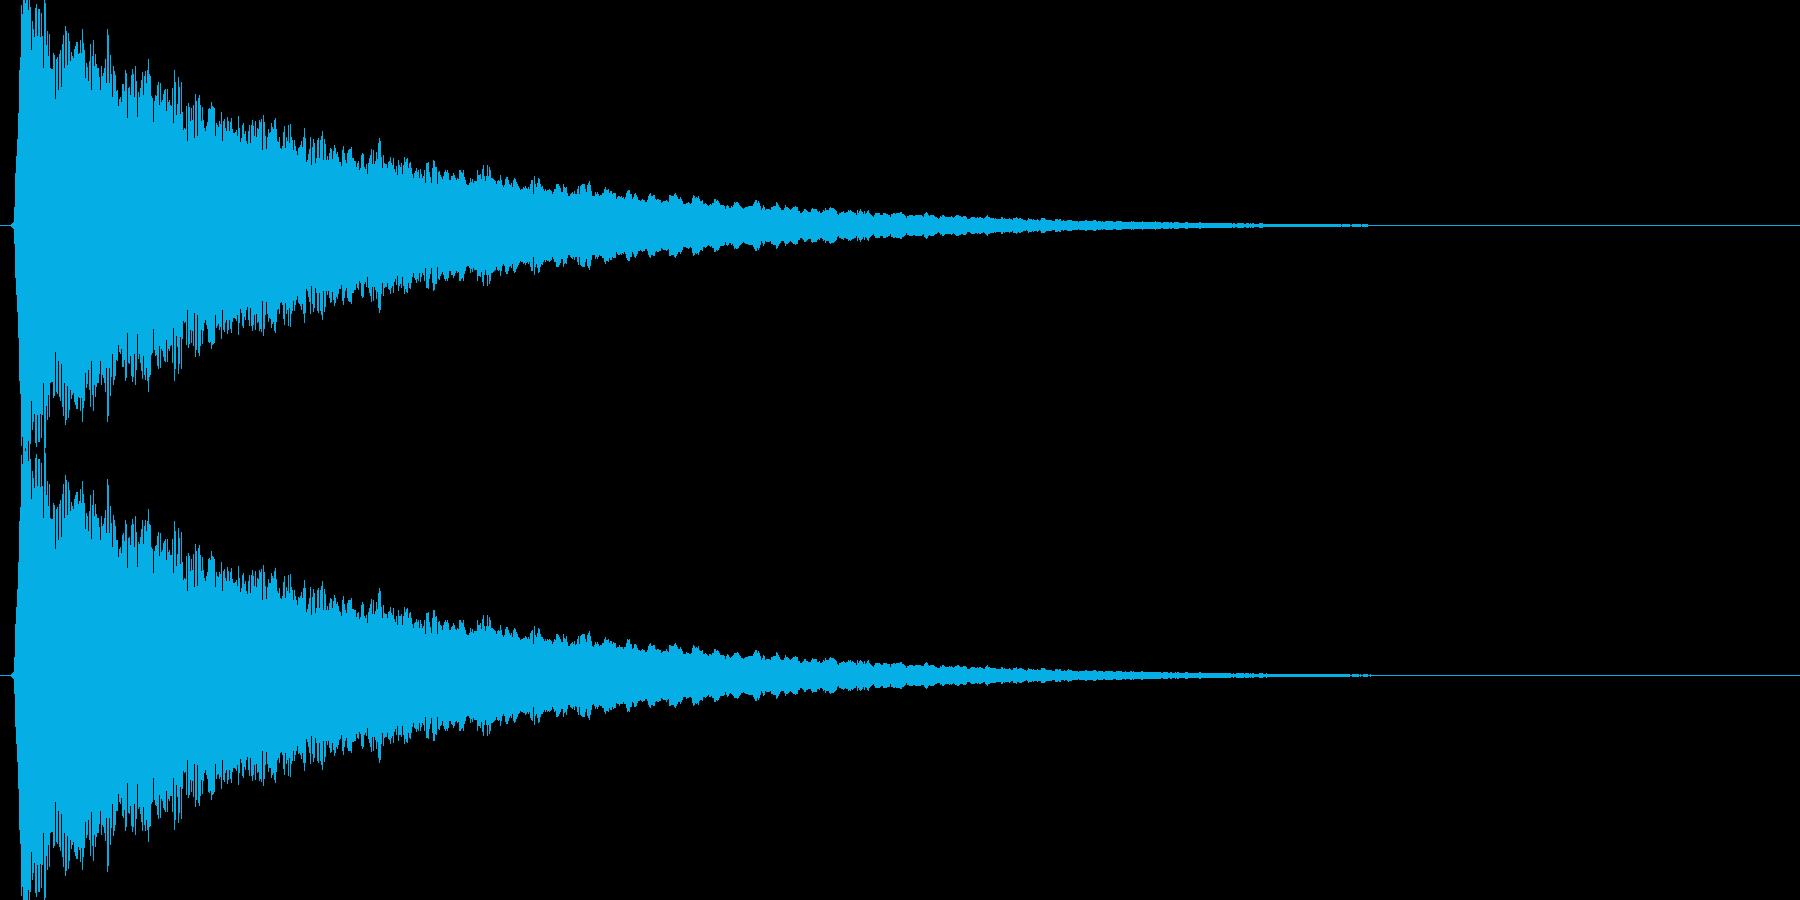 キュイィン↑(上昇、メーター、温度計)の再生済みの波形